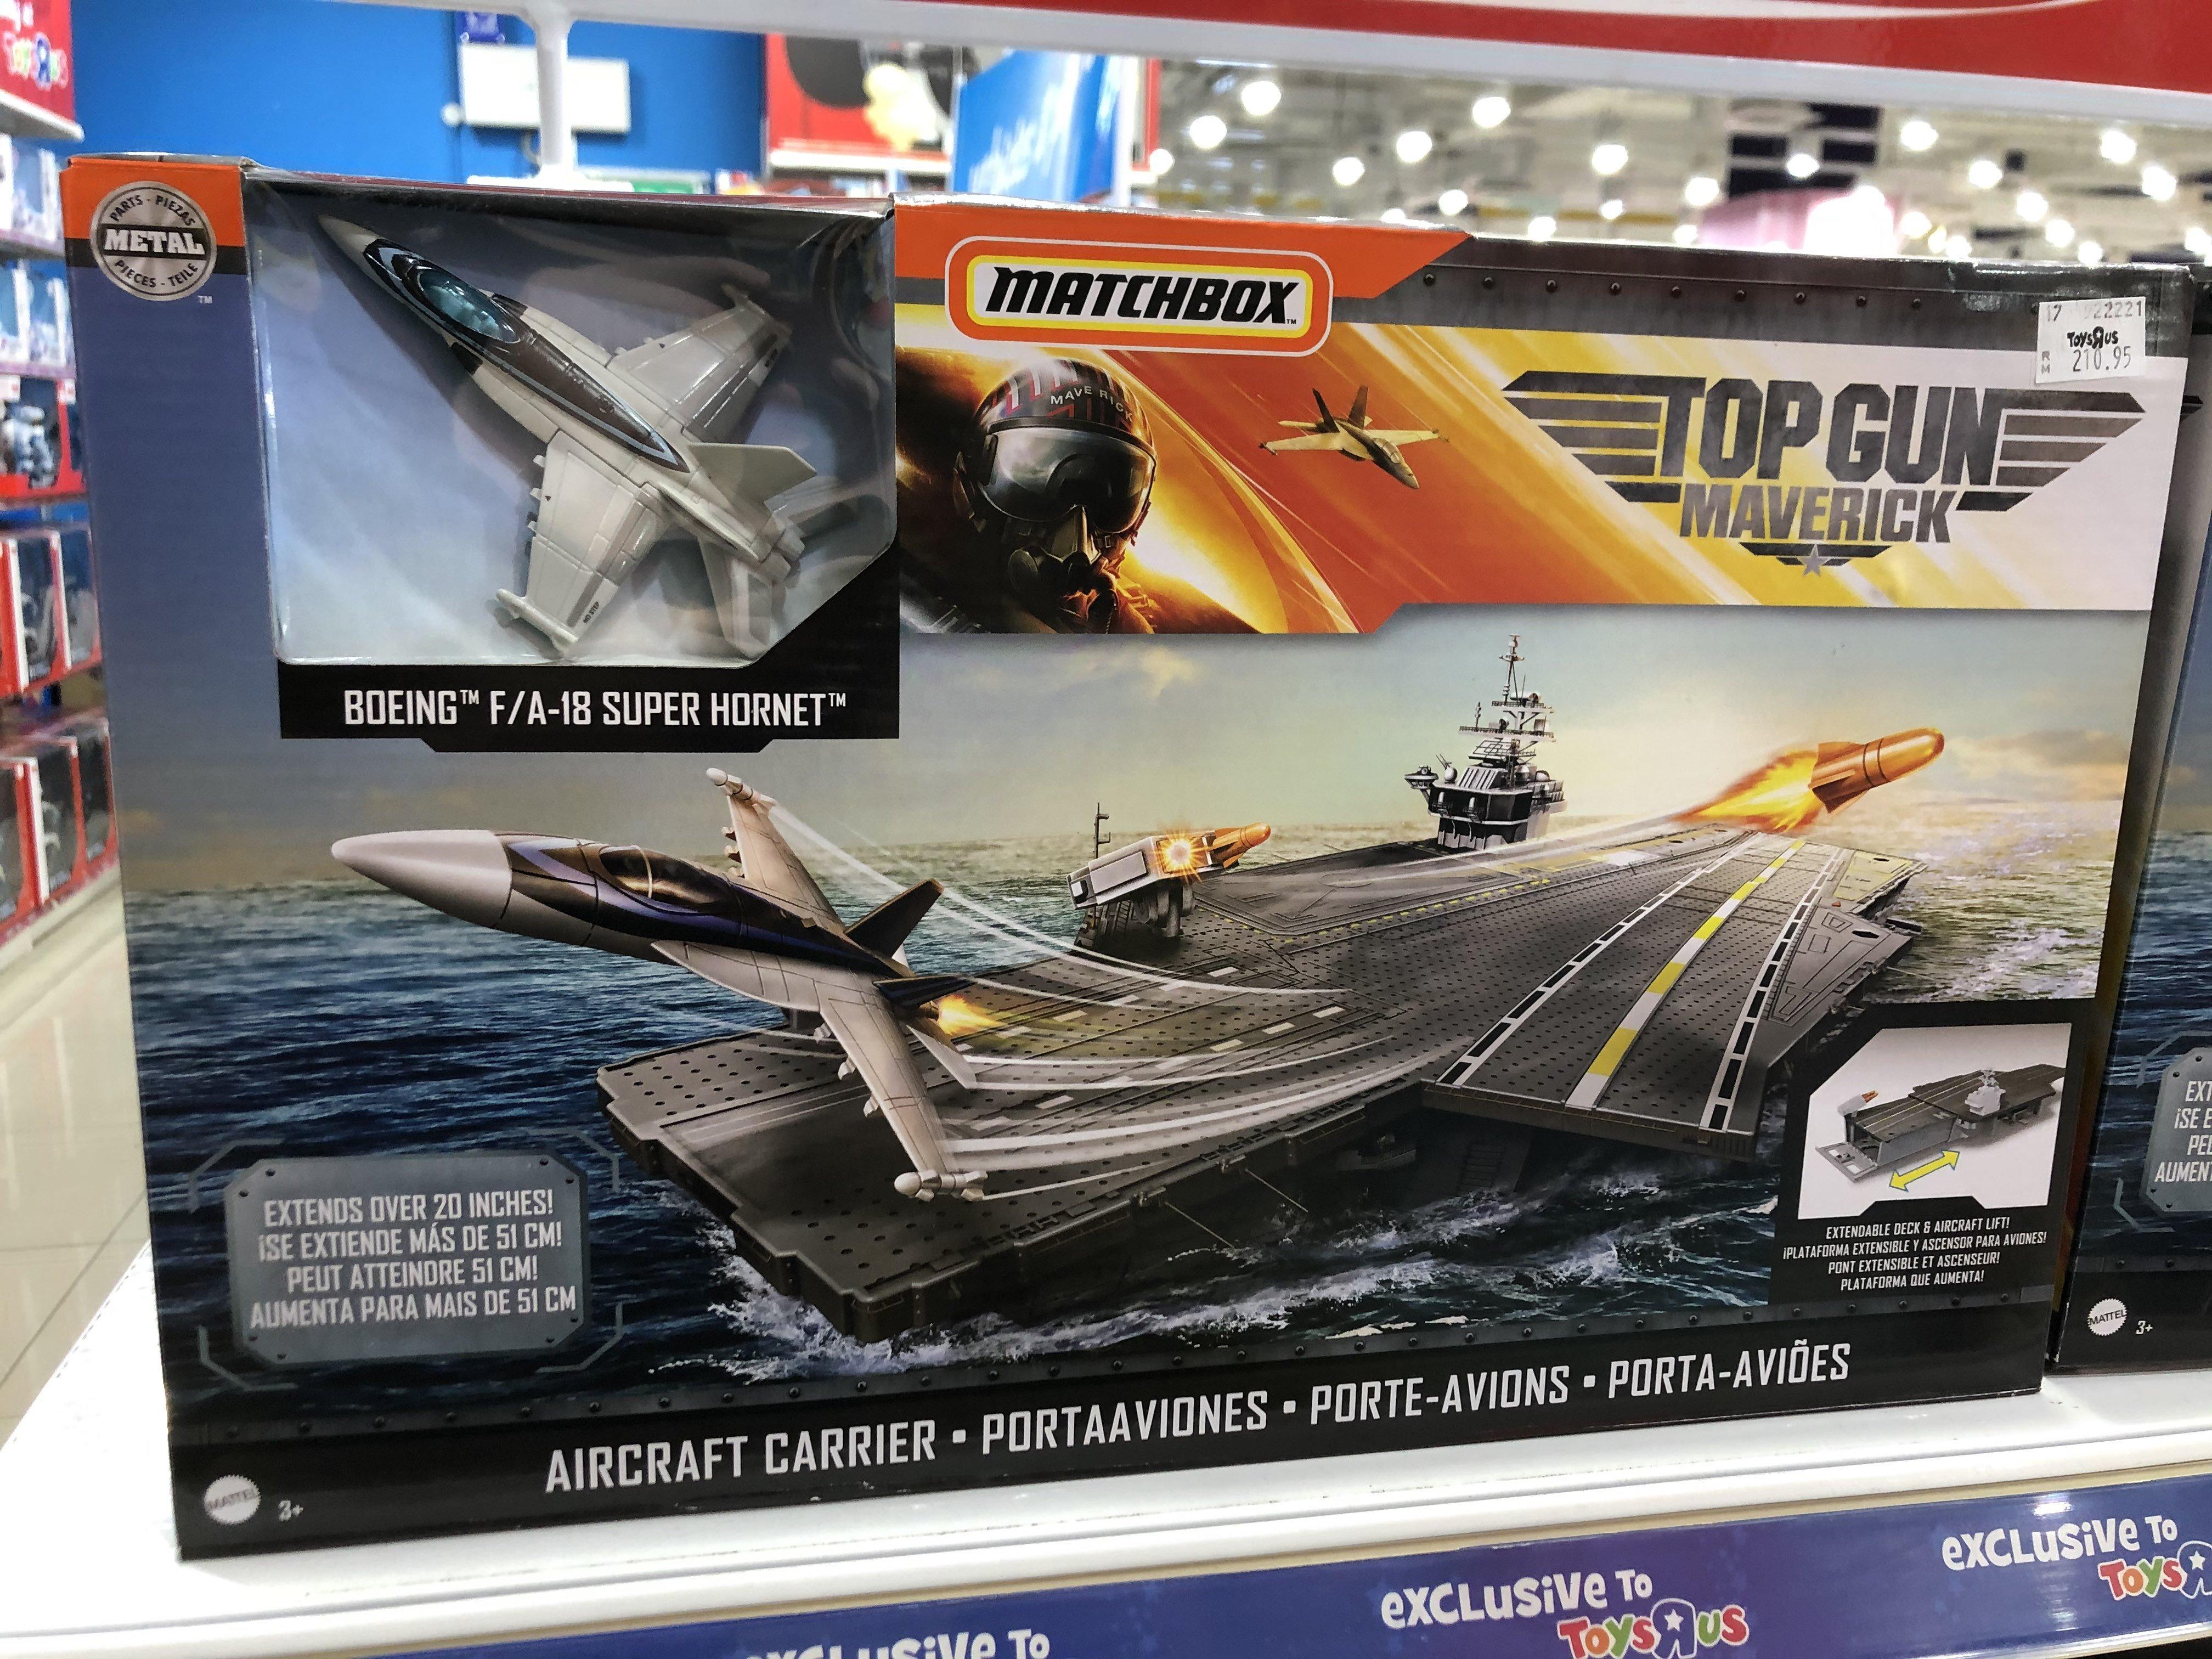 topgunmav carrier.jpg